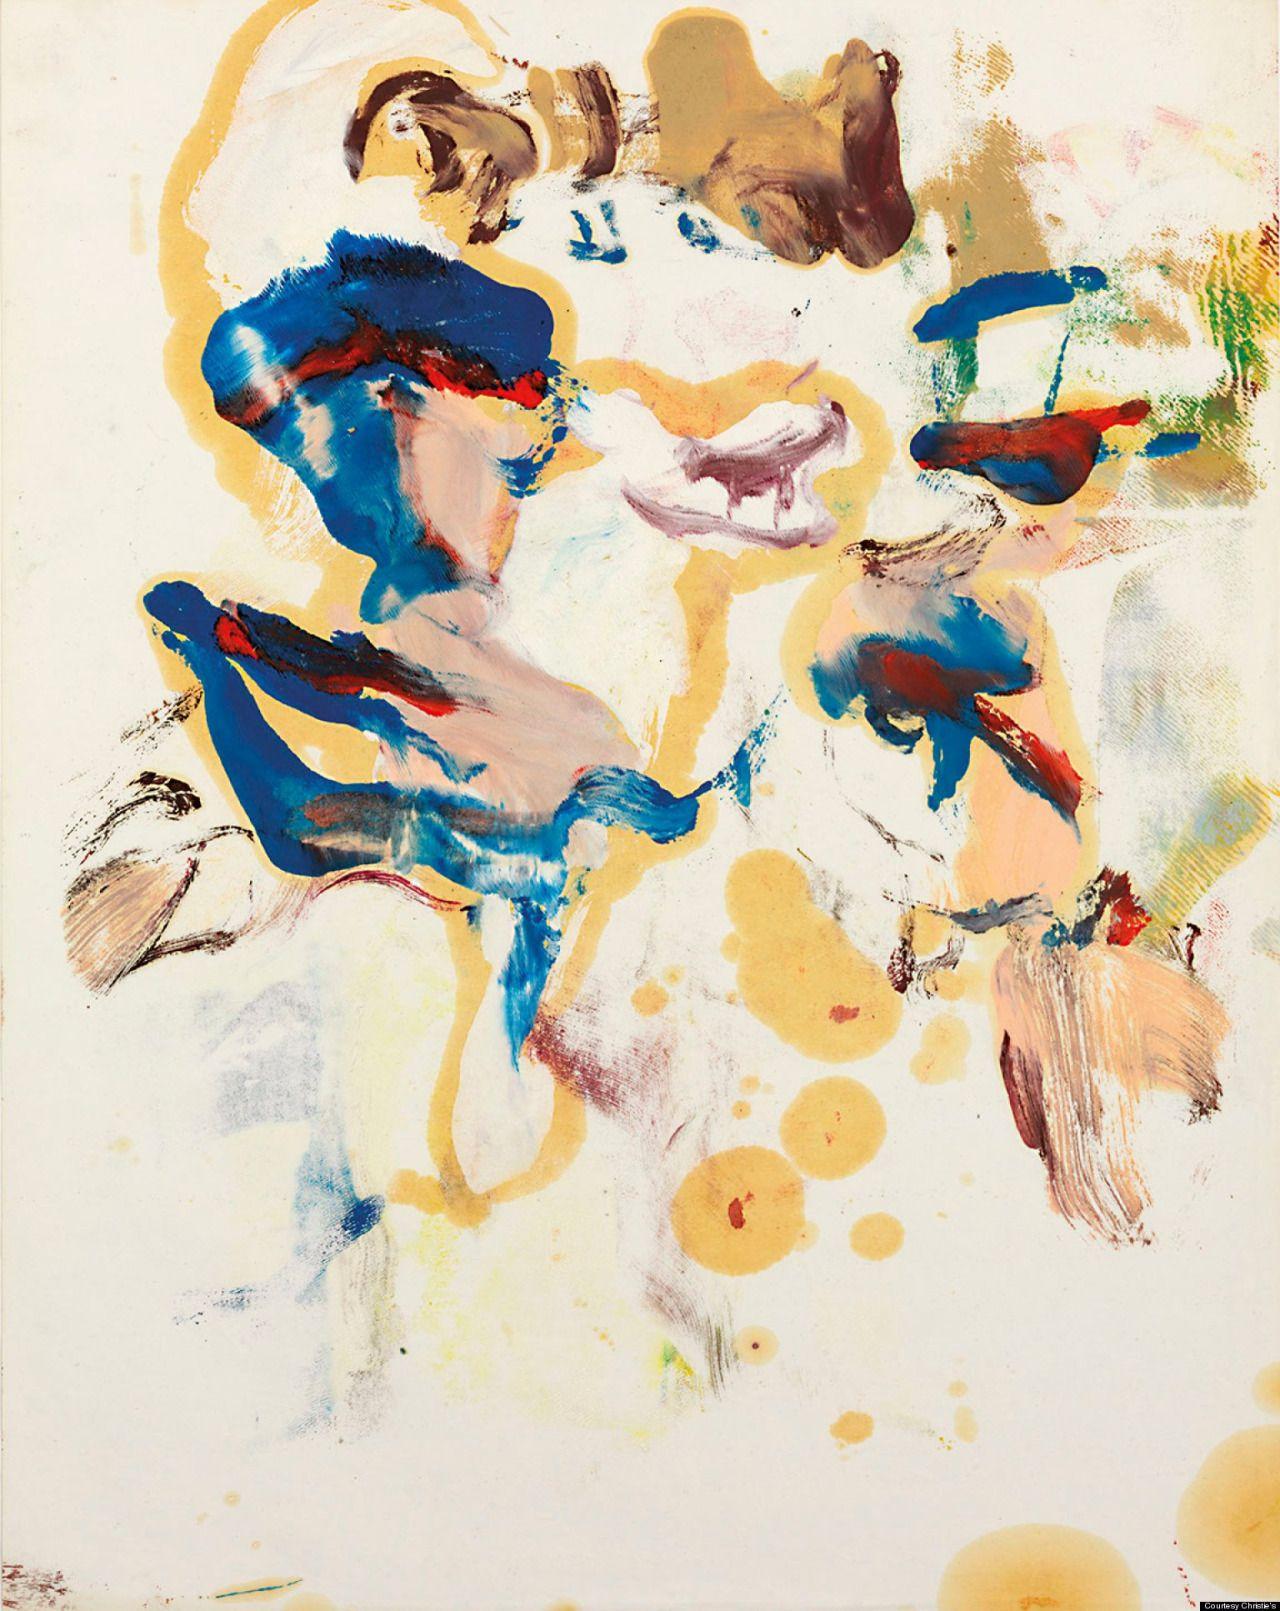 """jimlovesart: """" Willem de Kooning - untitled, 1960s. """""""